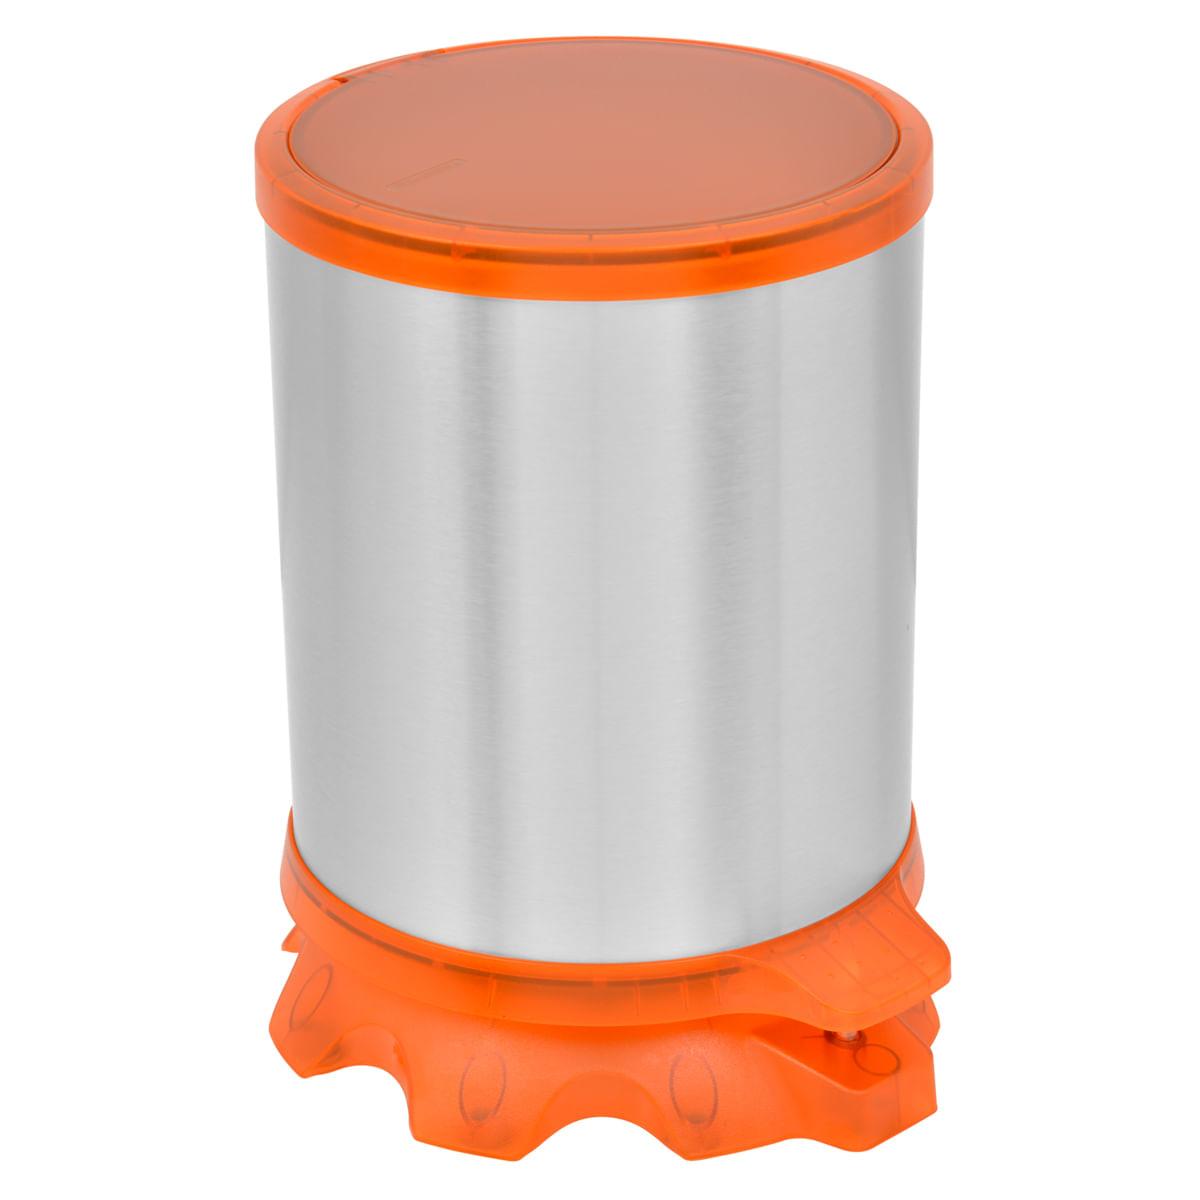 Lixeira Inox Tramontina Sofie Inox Scotch Brite e Detalhes em Plástico Translúcido Laranja com Pedal 5 L